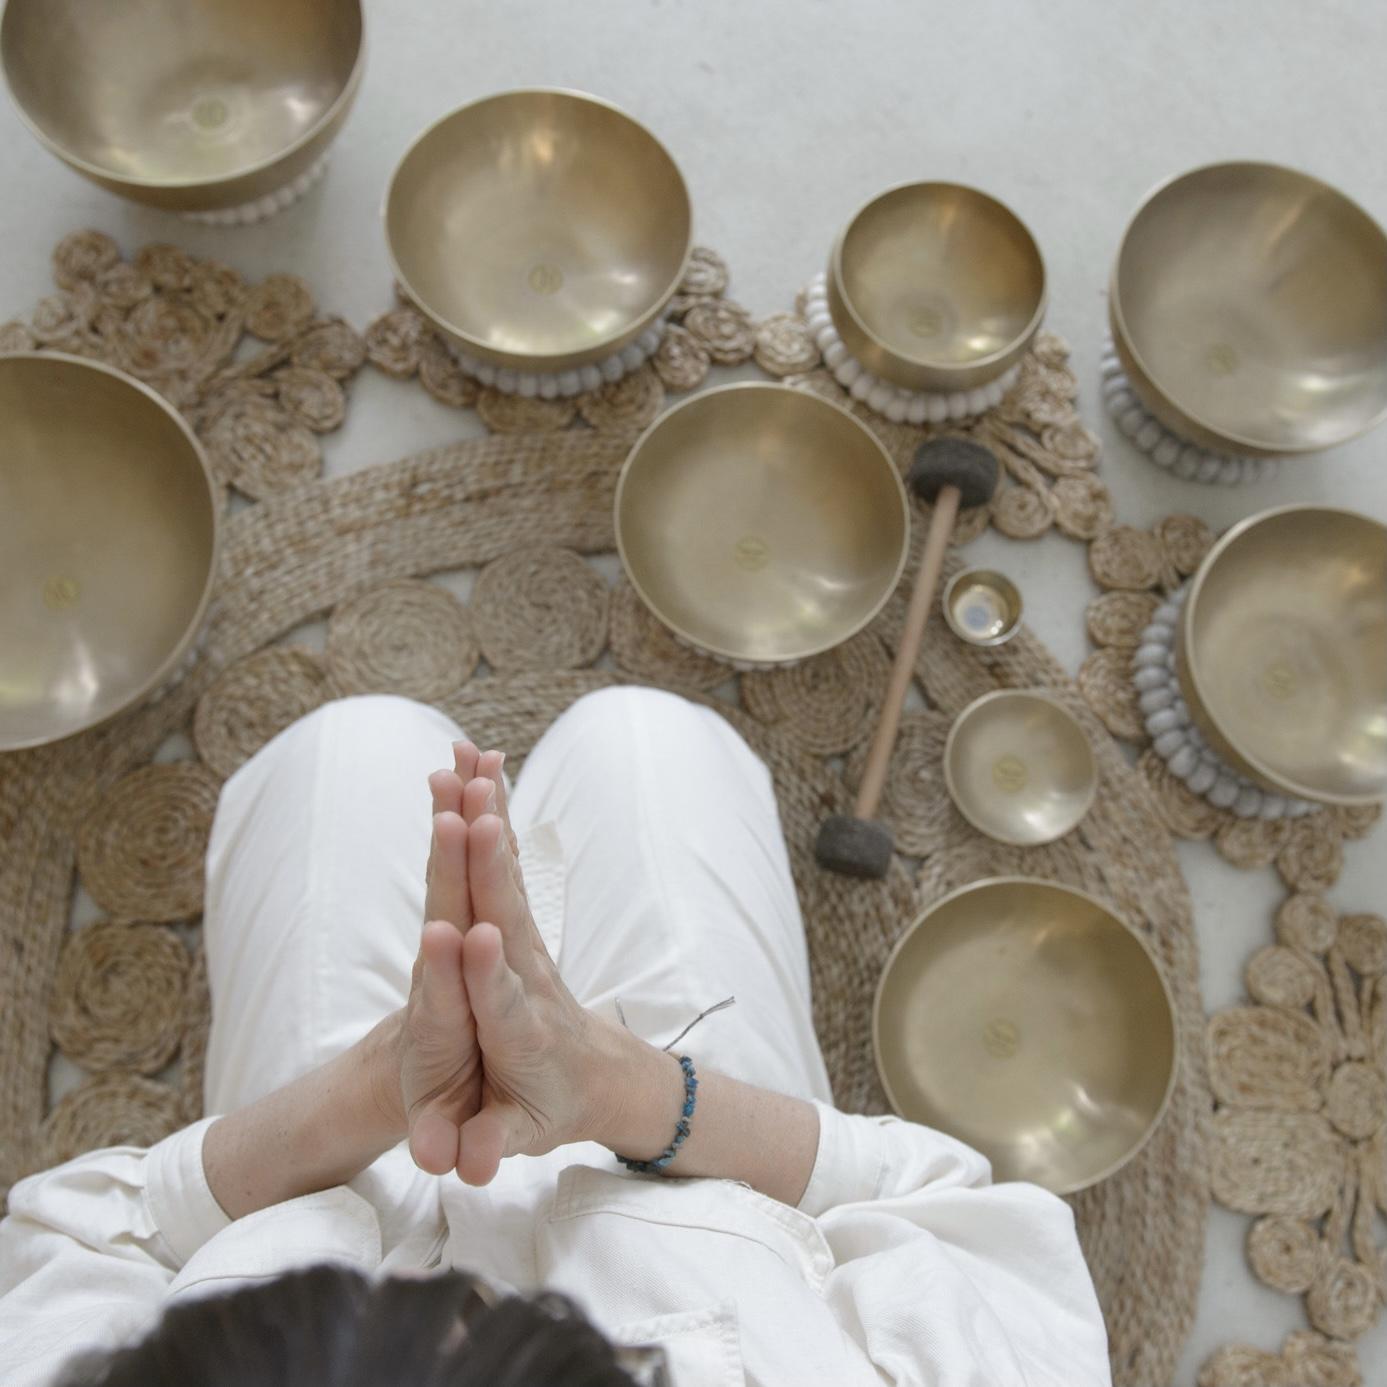 Klangschalen Klangmeditation Klangbad Soundhealing Soundbath Mindfulness Achtsamkeit